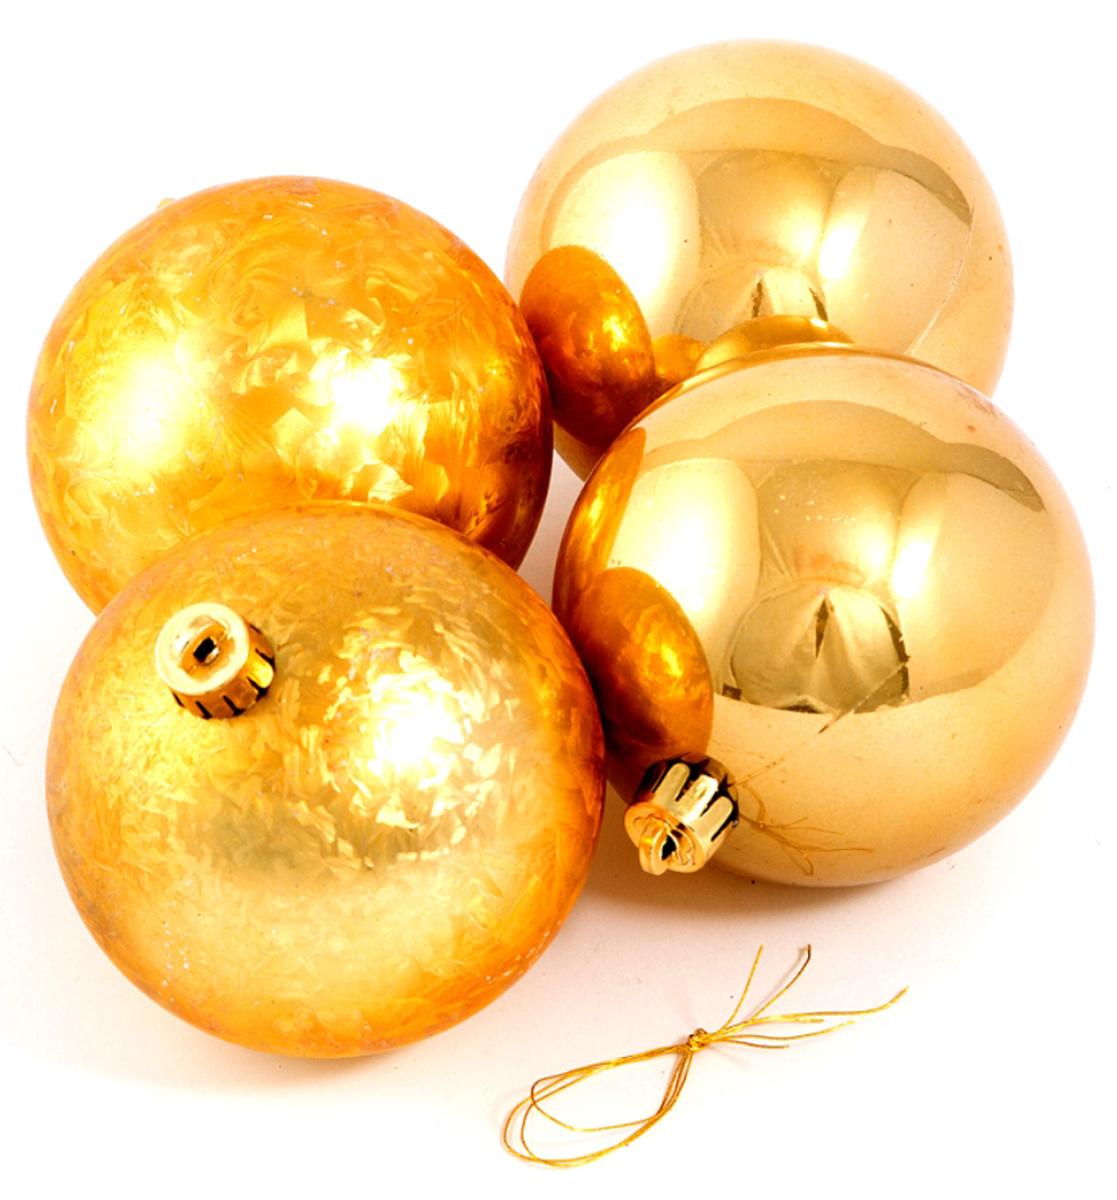 Набор ёлочных игрушек Шары из 4 шт, 80 мм золото . 7105671056Елочная игрушка, символ приближающегося праздника. Она послужит прекрасным подарком как для ребенка , так и для взрослого, а так же дополнит новогодний интерьер.